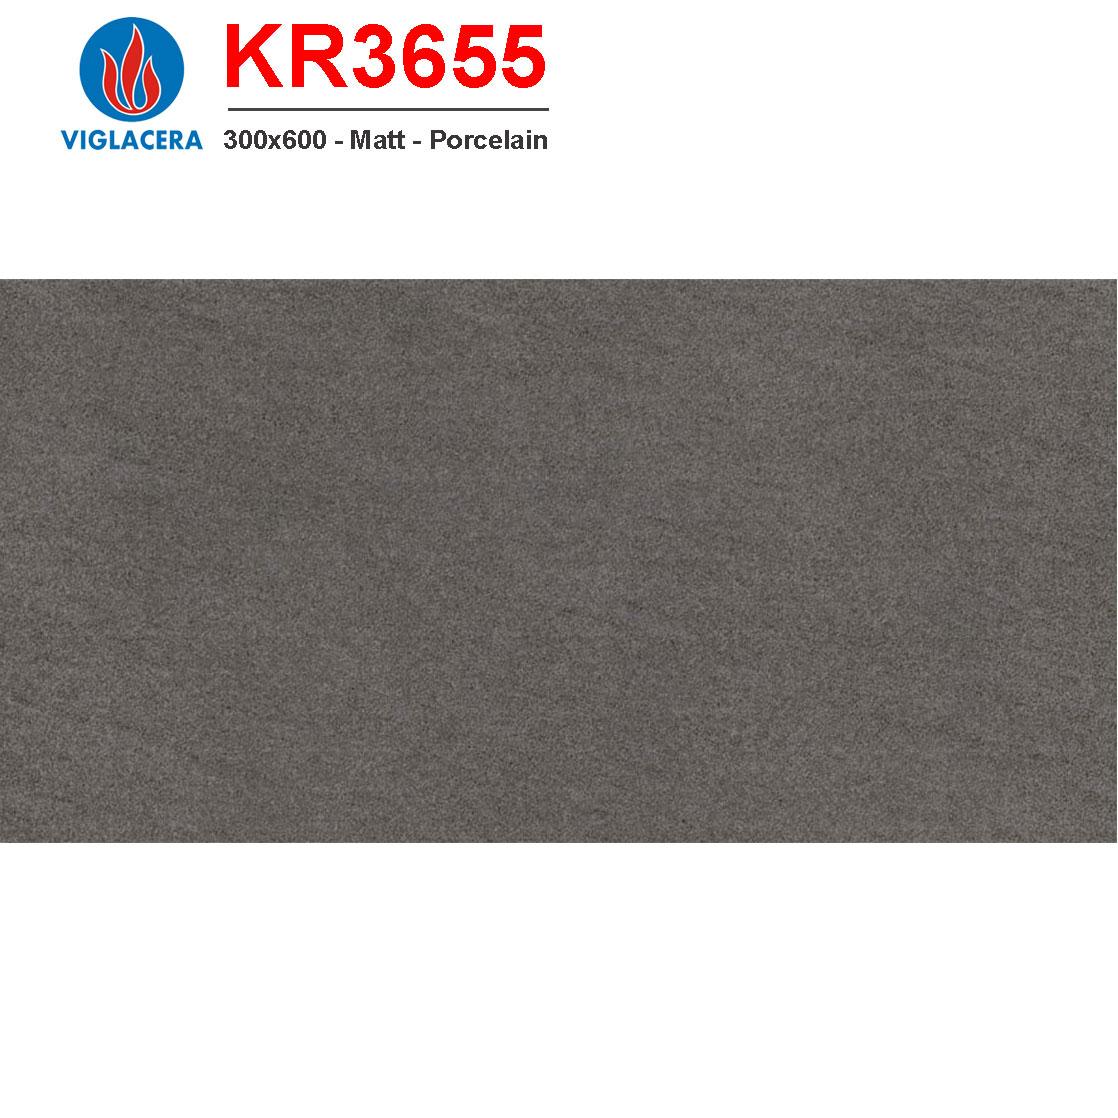 Gạch ốp lát Viglacera 300x600 KR3655 giá rẻ